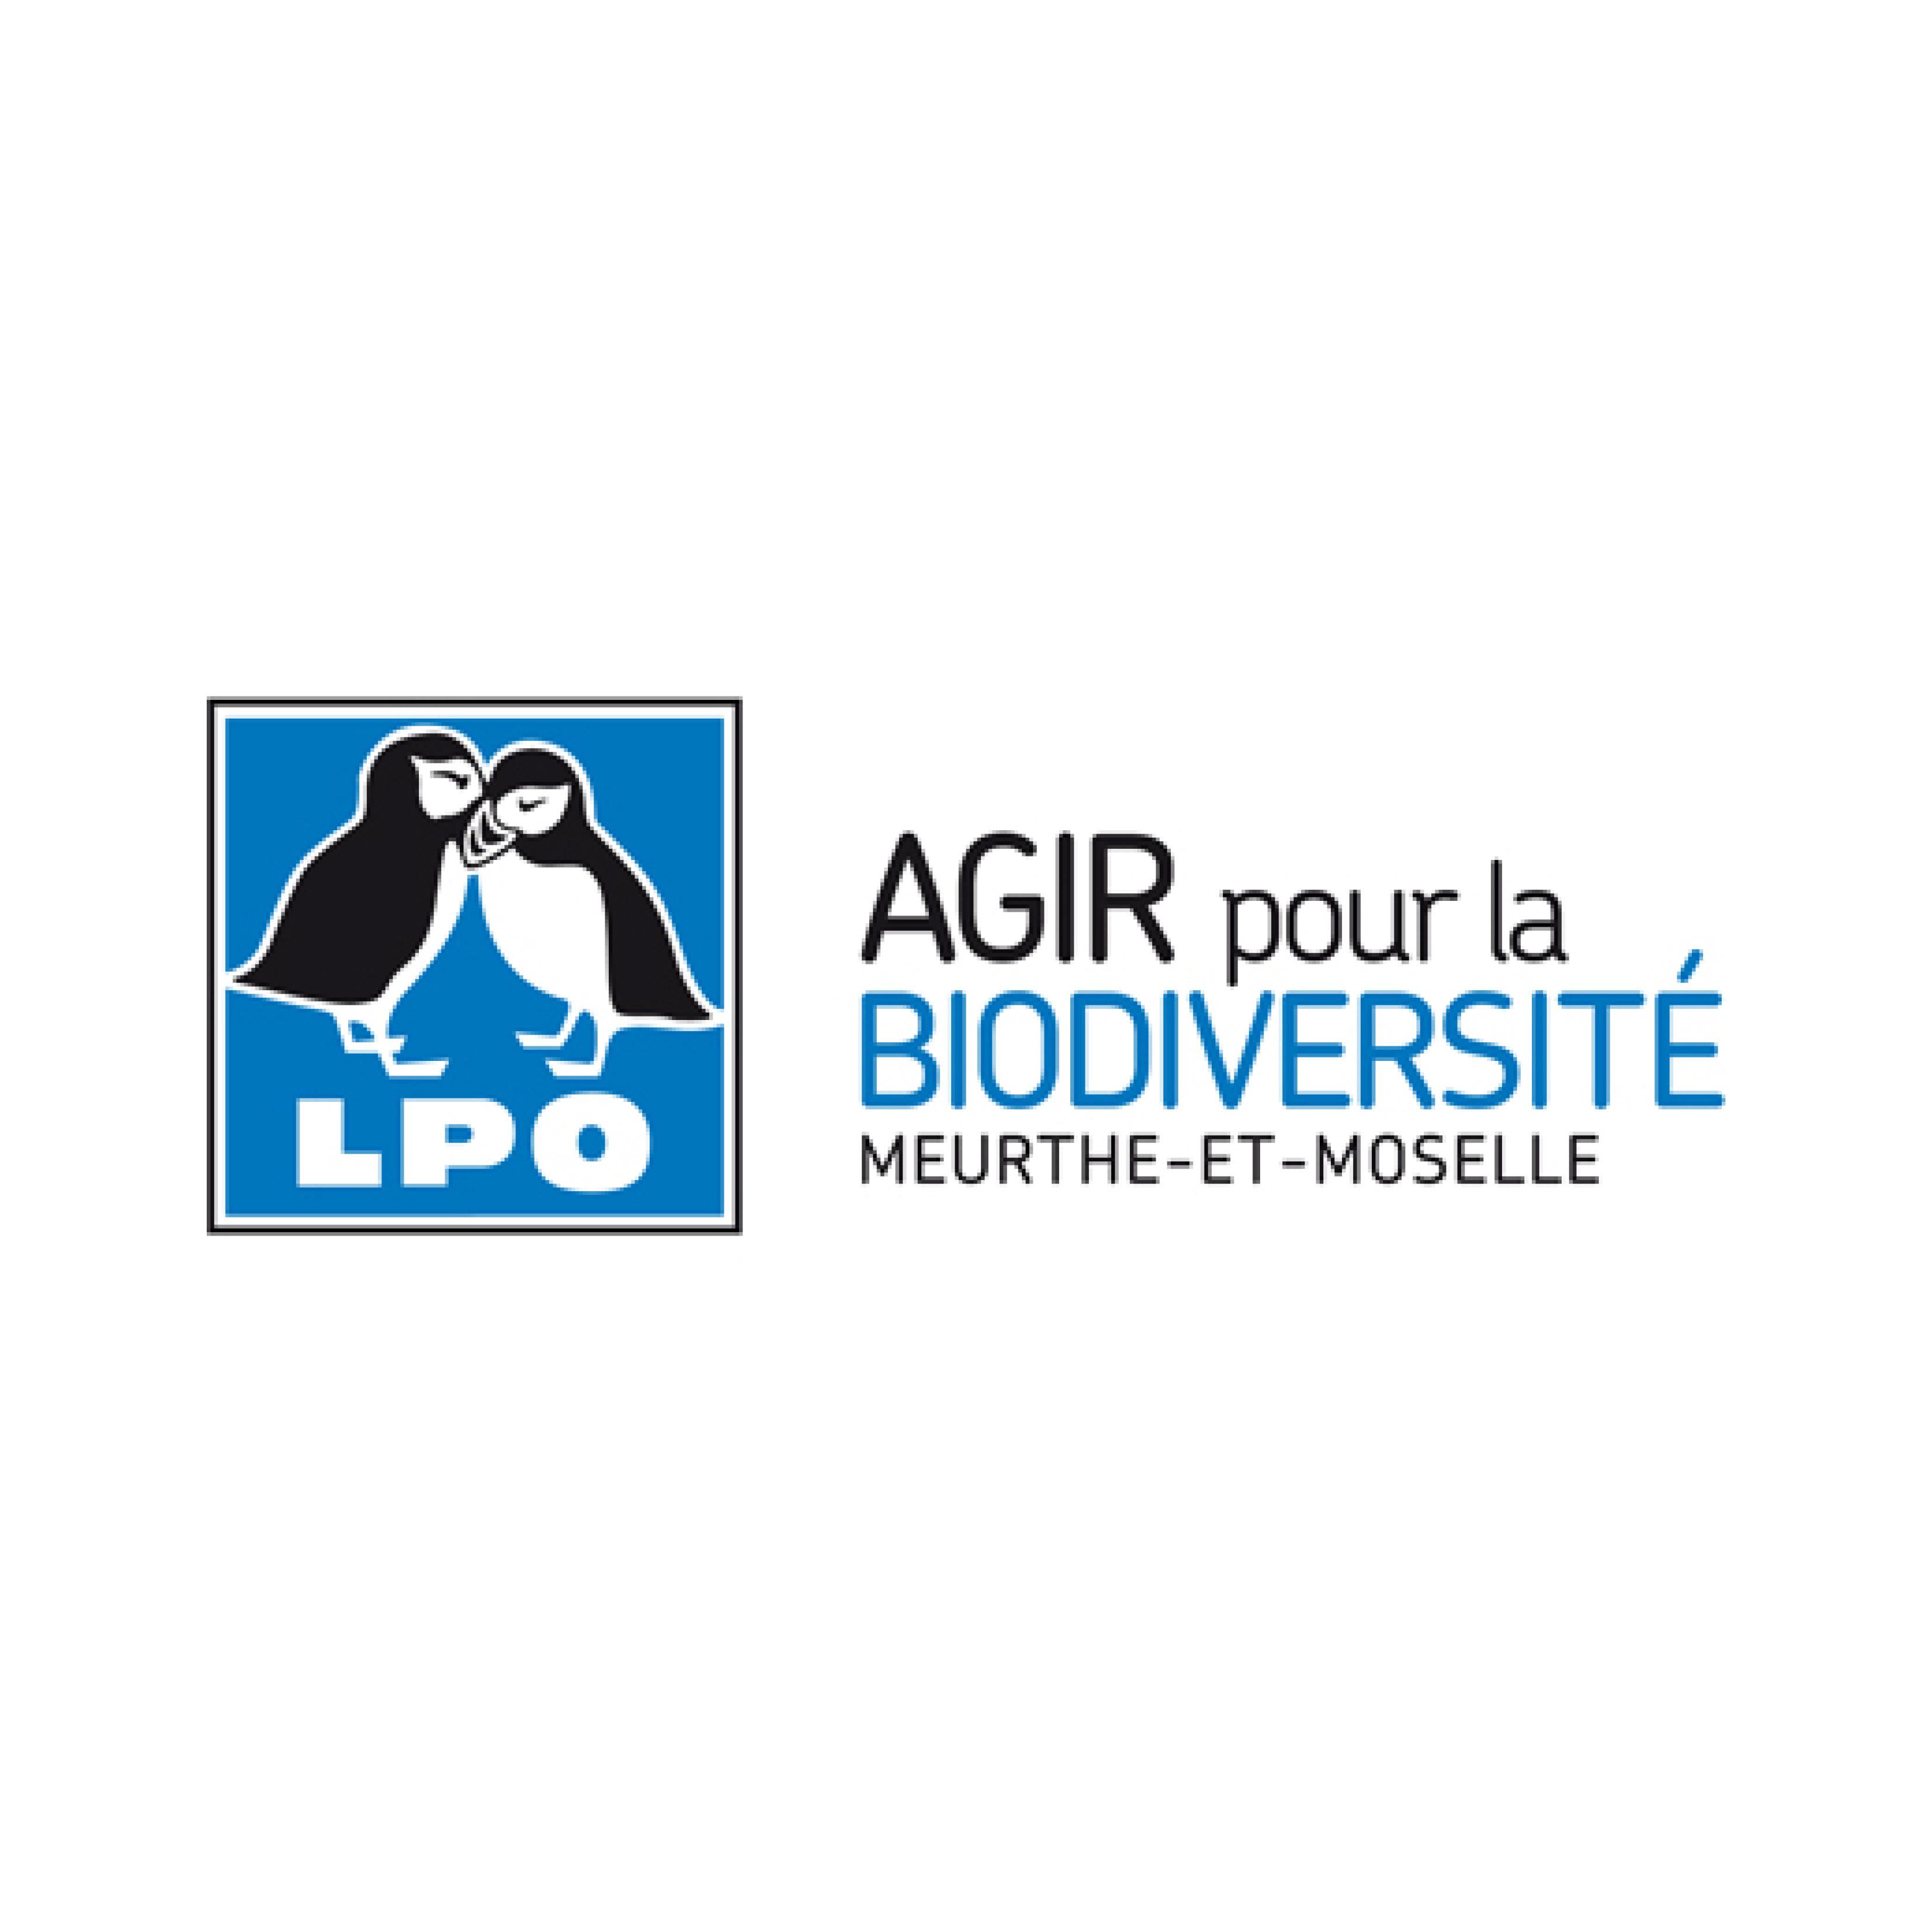 Ligue de protection des oiseaux de Meurthe-et-Moselle